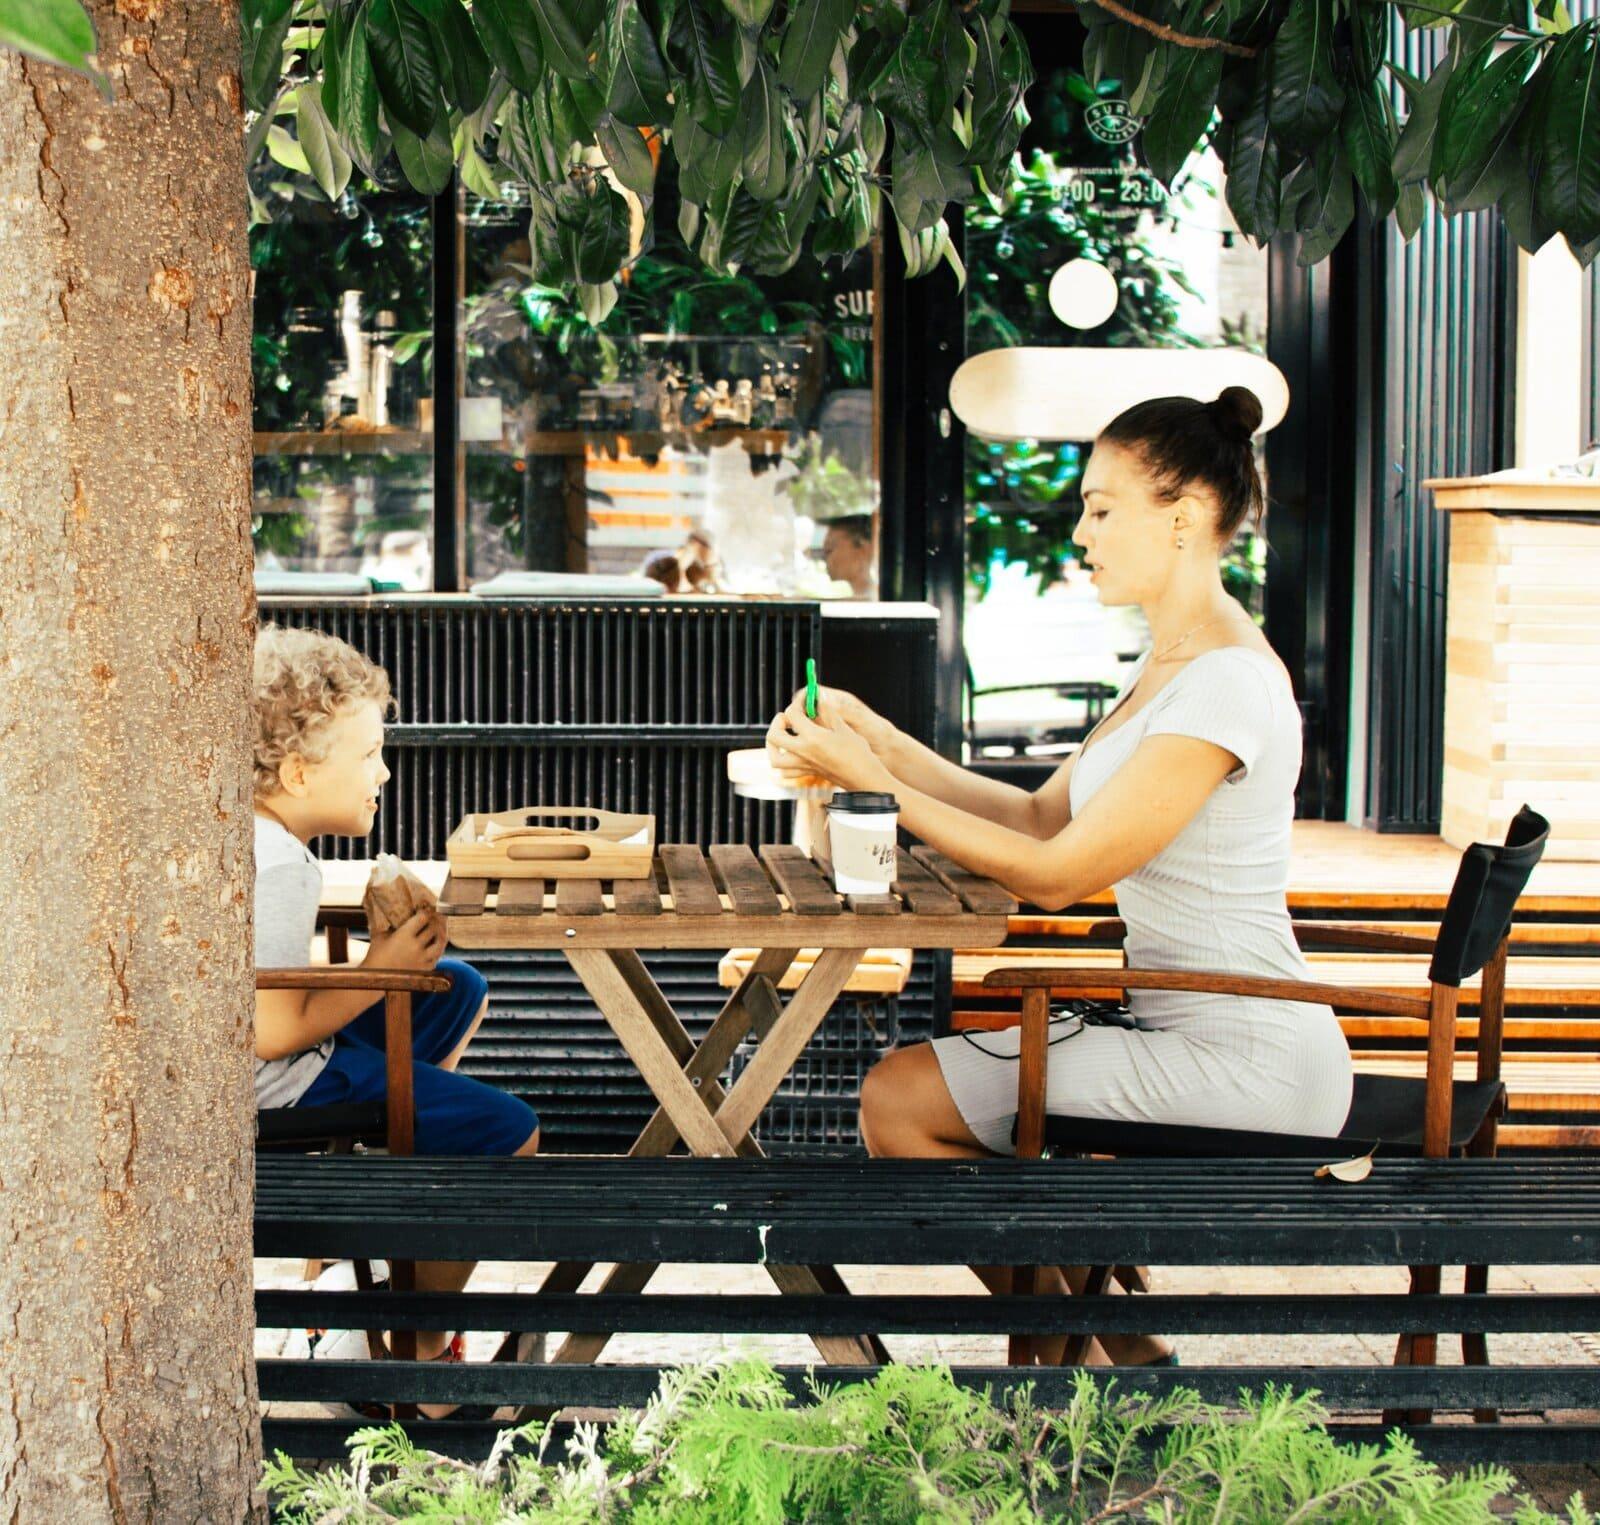 Mulher e uma criança sentados em uma mesa de madeira tomando café.